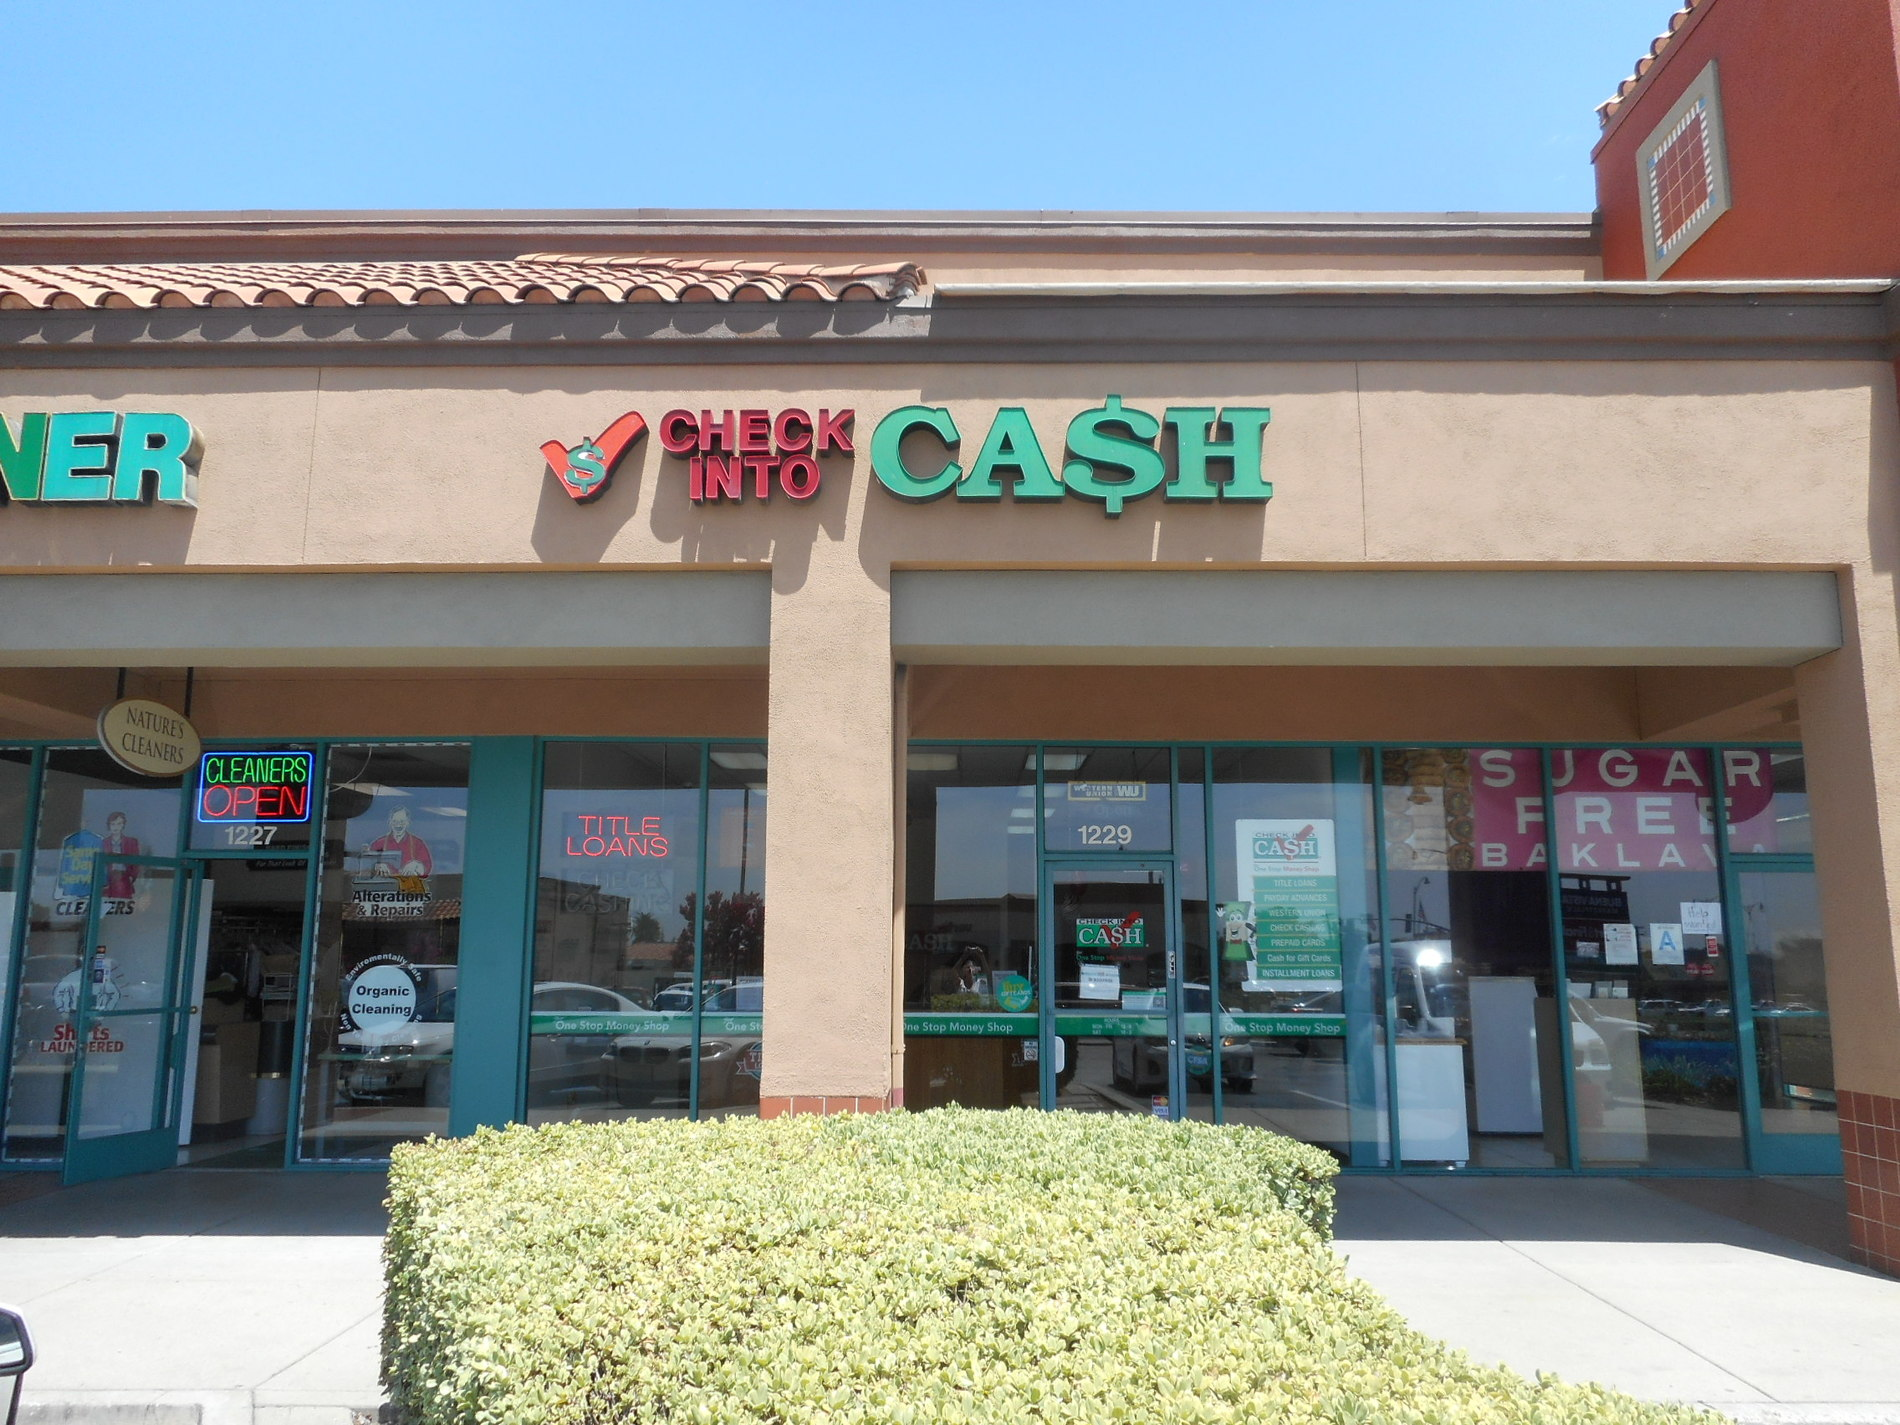 Ace cash advance beaufort sc image 9